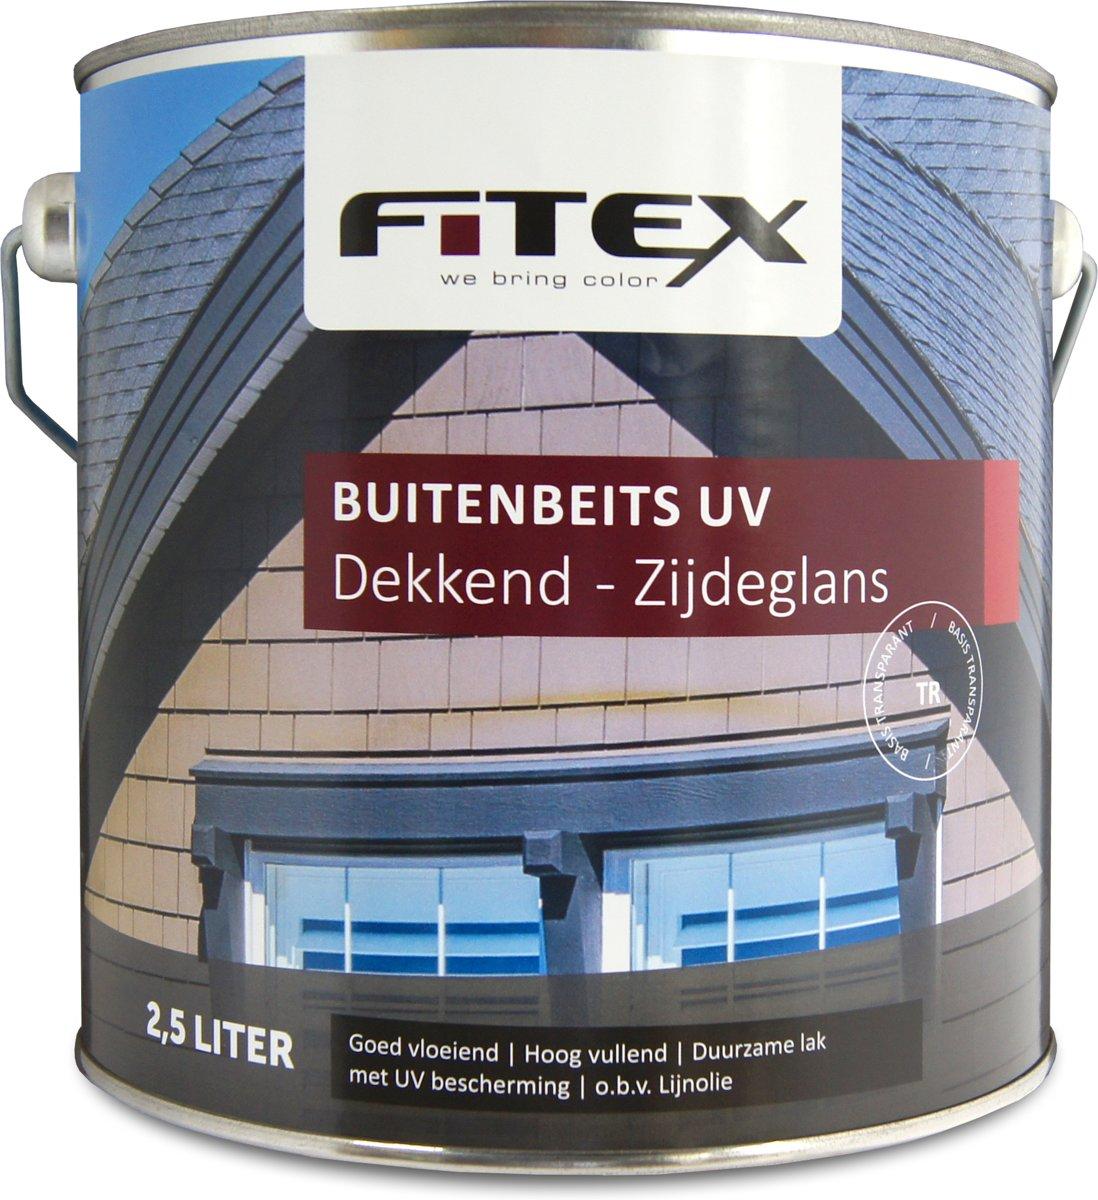 Fitex-Buitenbeits UV-Zijdeglans-Monumentengroen N0.15.10-2,5 liter kopen